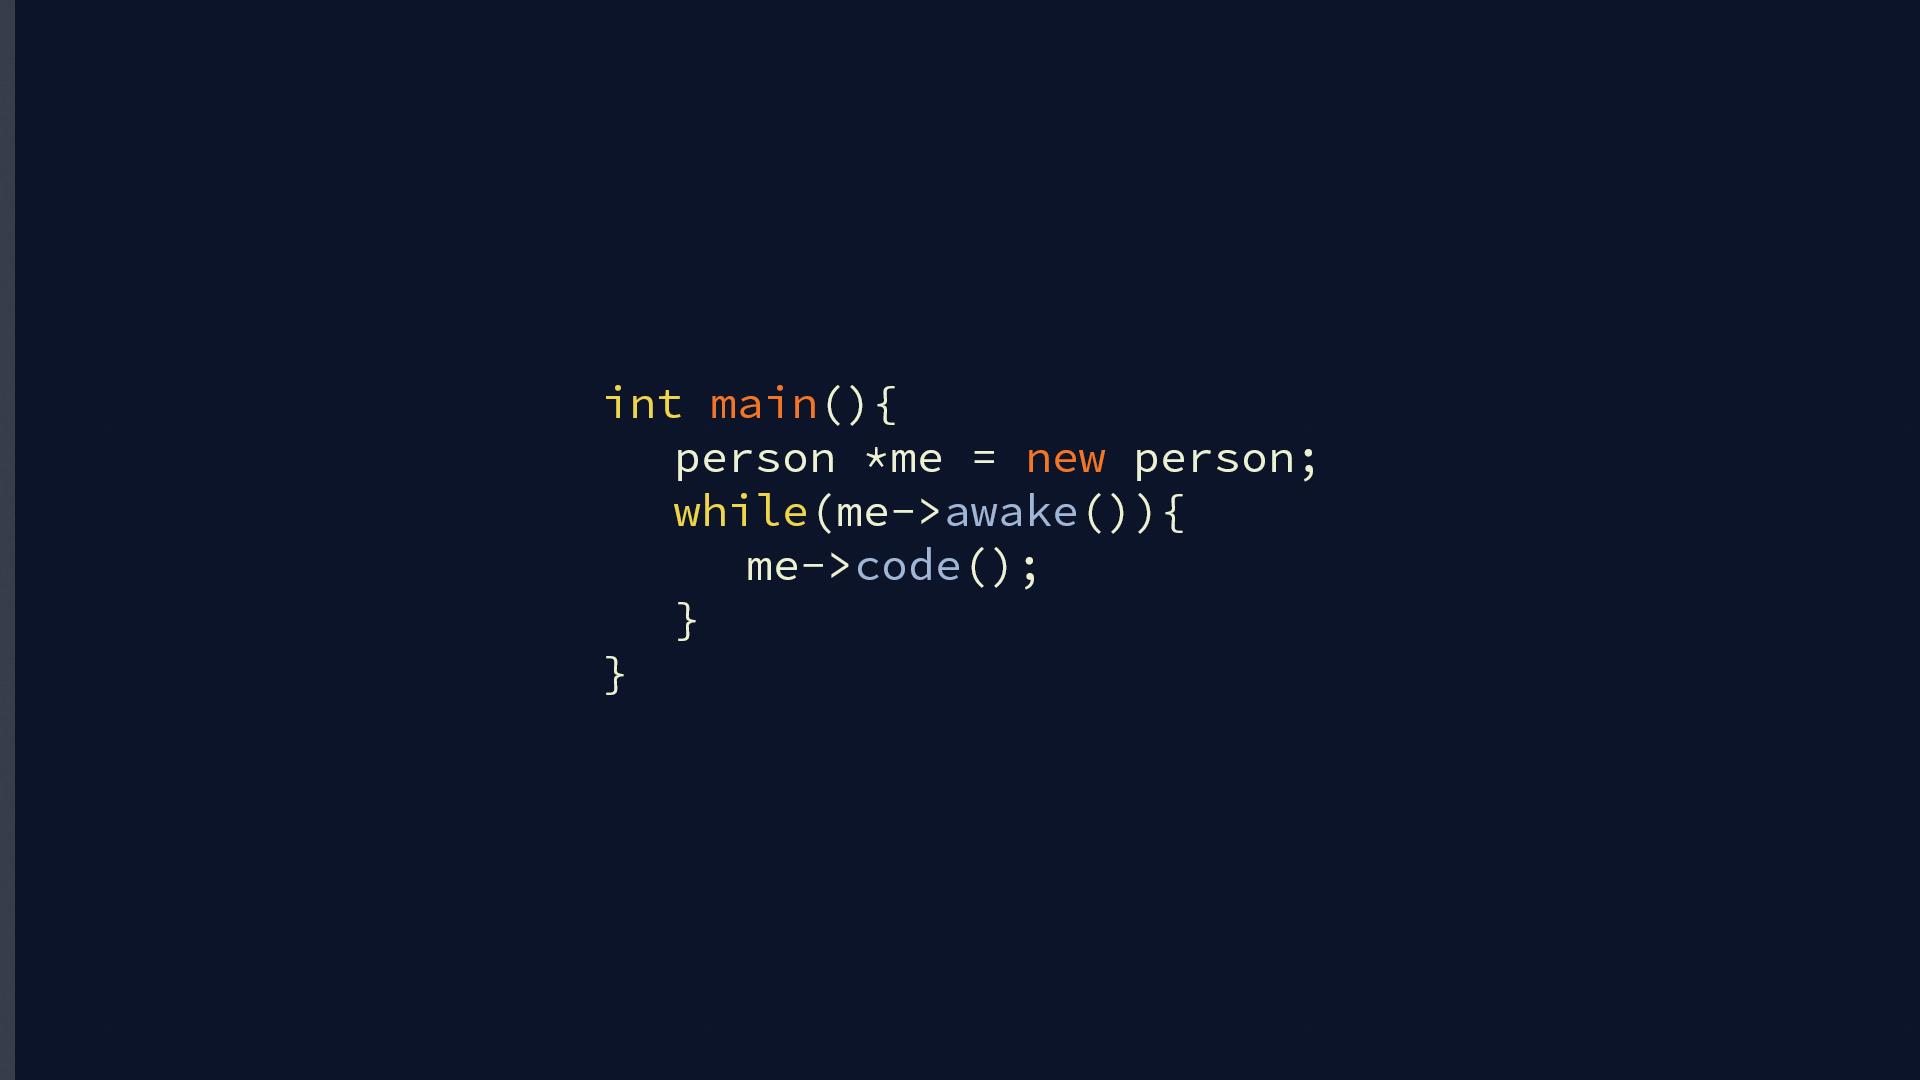 Programming Wallpaper 1920x1080 c Programming Wallpaper c 1920x1080